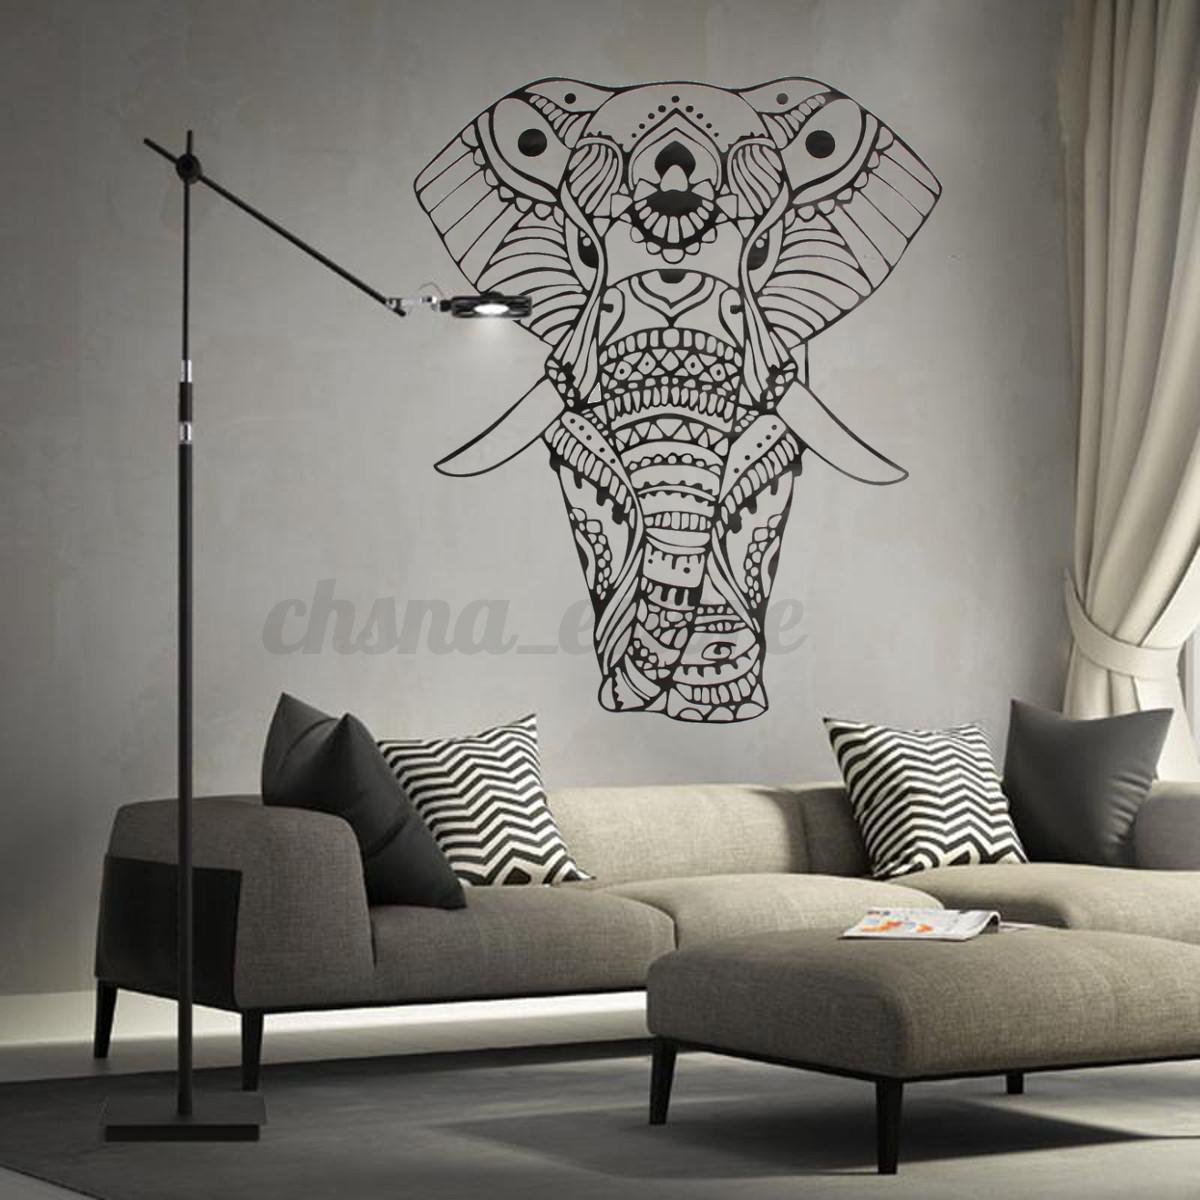 Indian vinilo pegatina de pared elefante hogar adhesivos for Decoracion paredes vinilos adhesivos